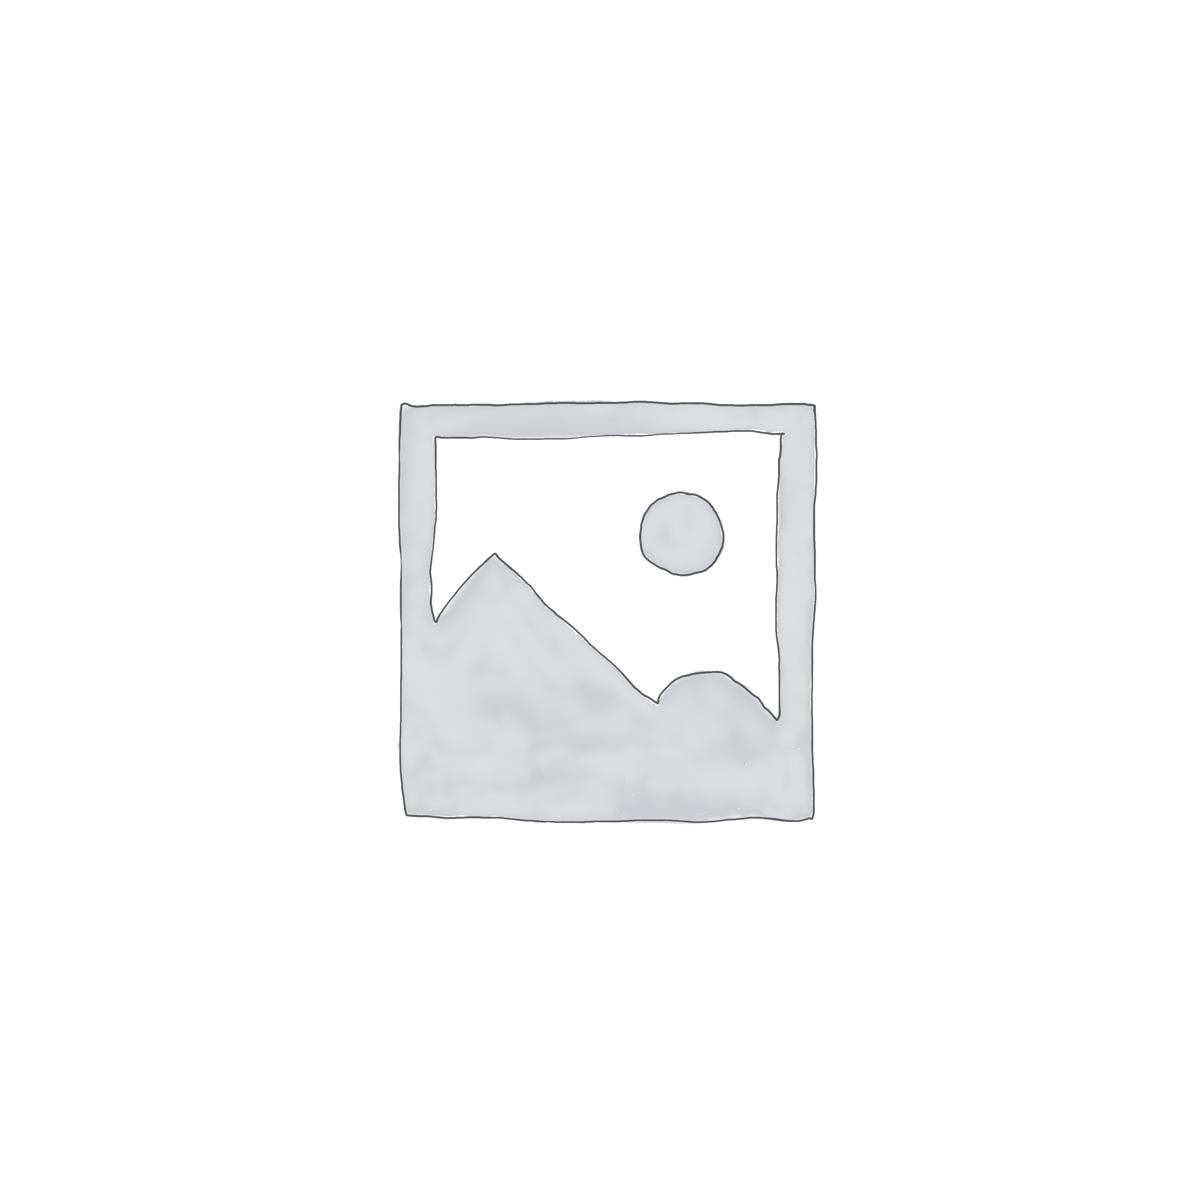 MP3 Full Album Downloads